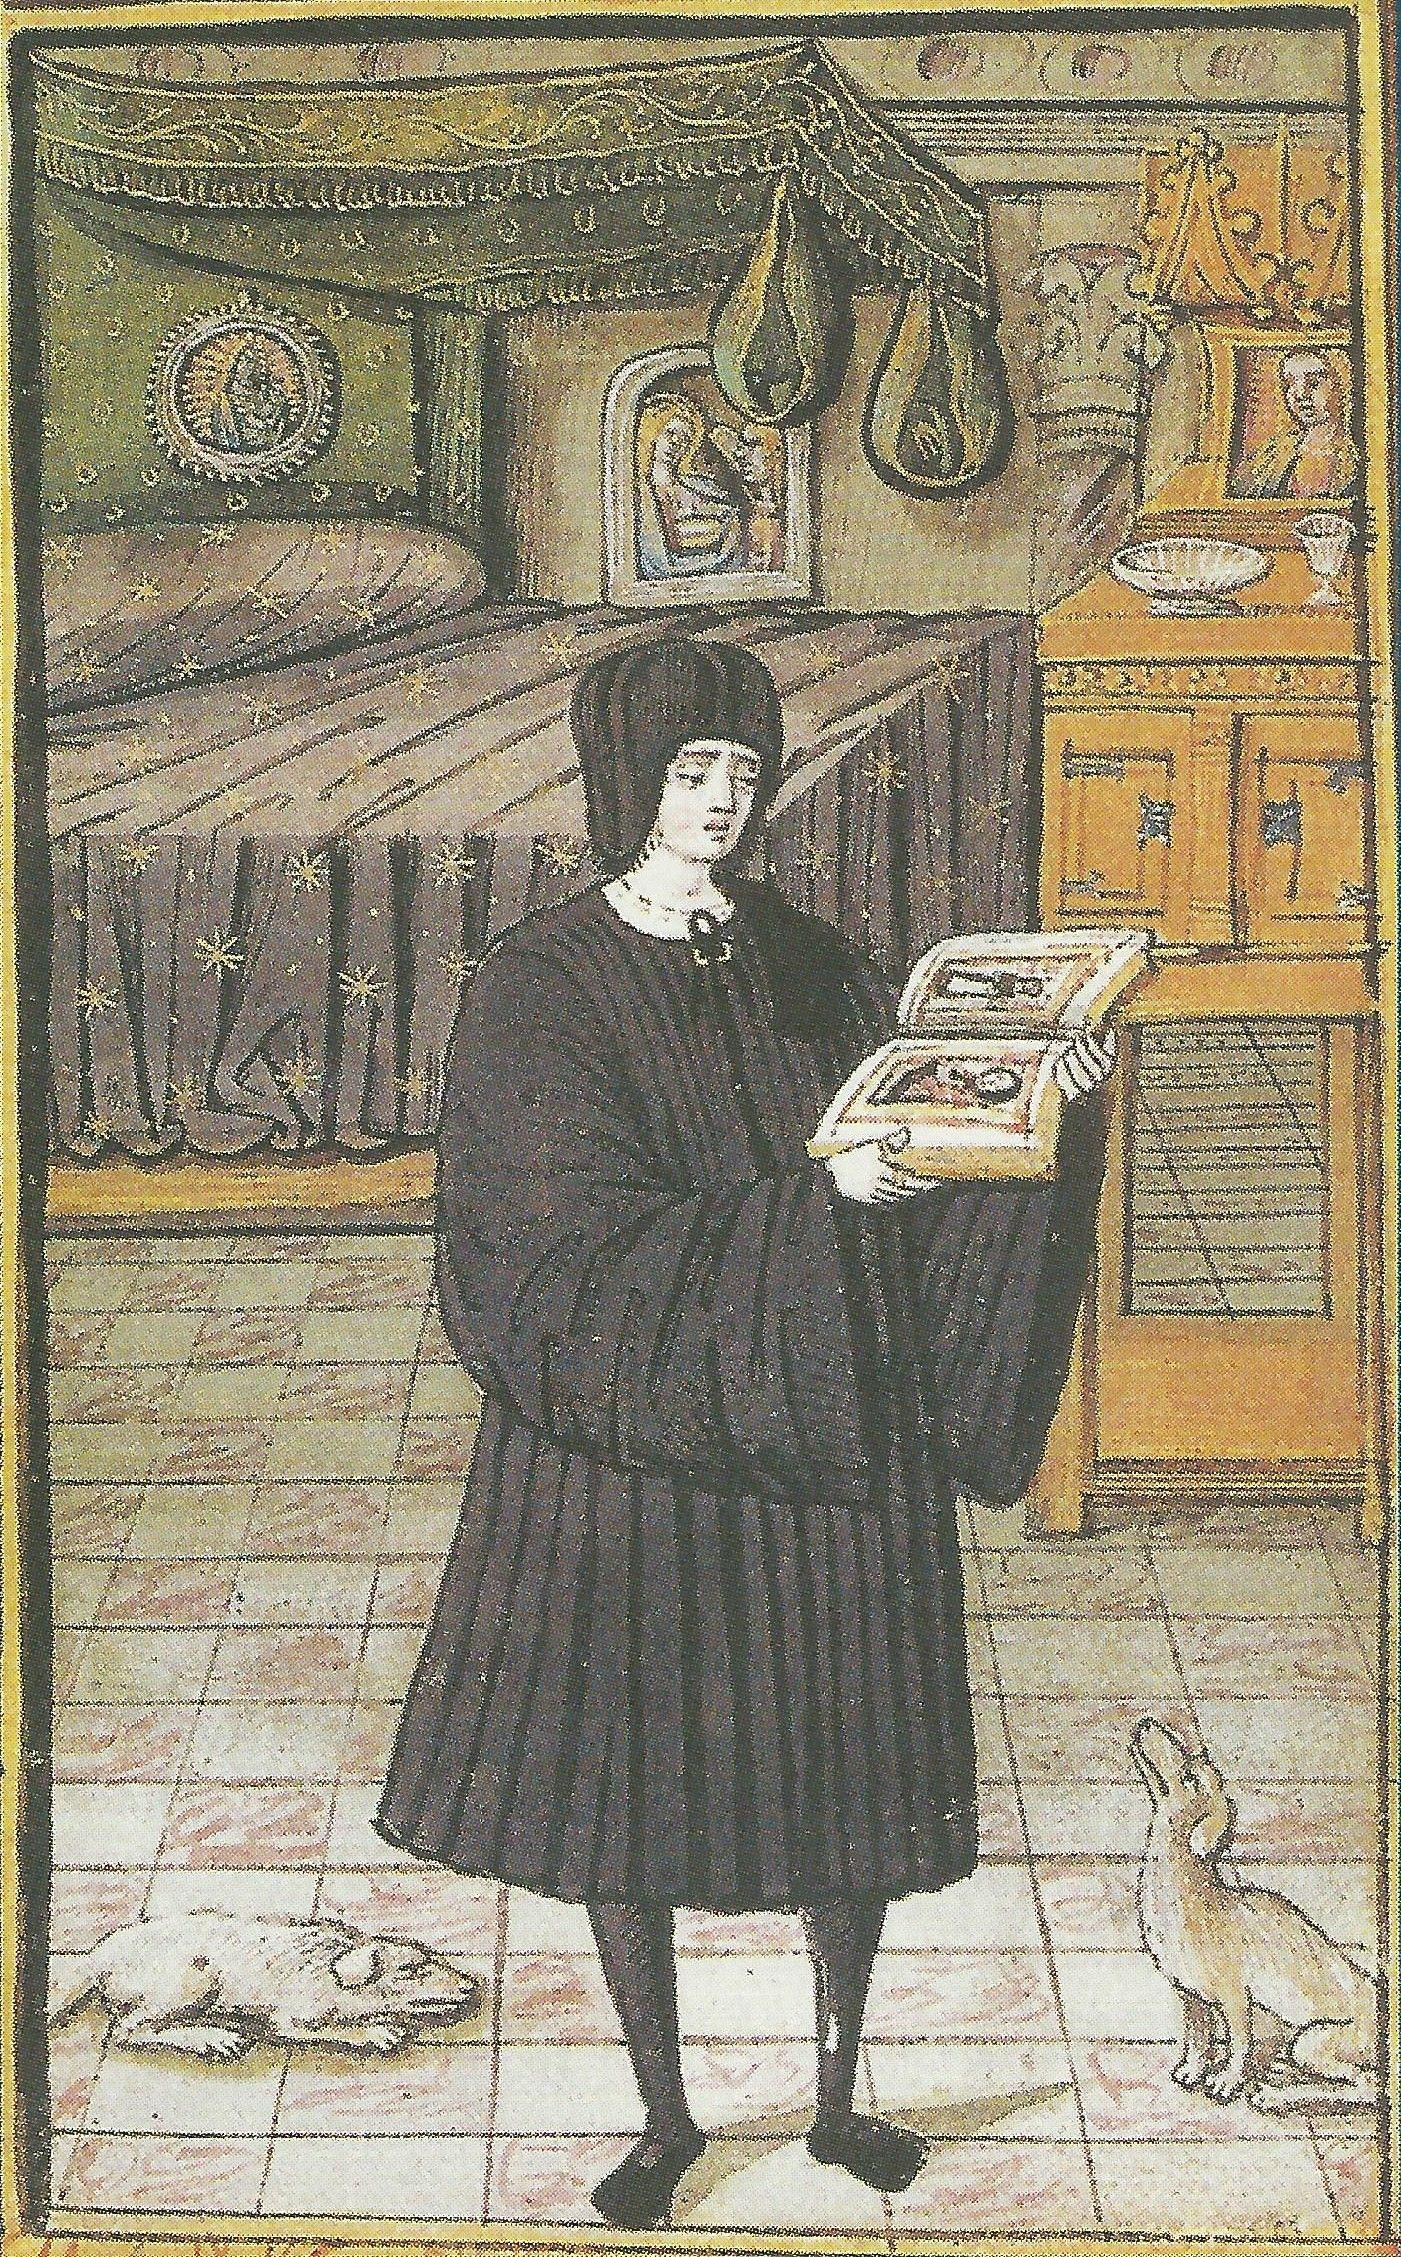 Buch der Liebenden, frühes 16. Jahrhundert.